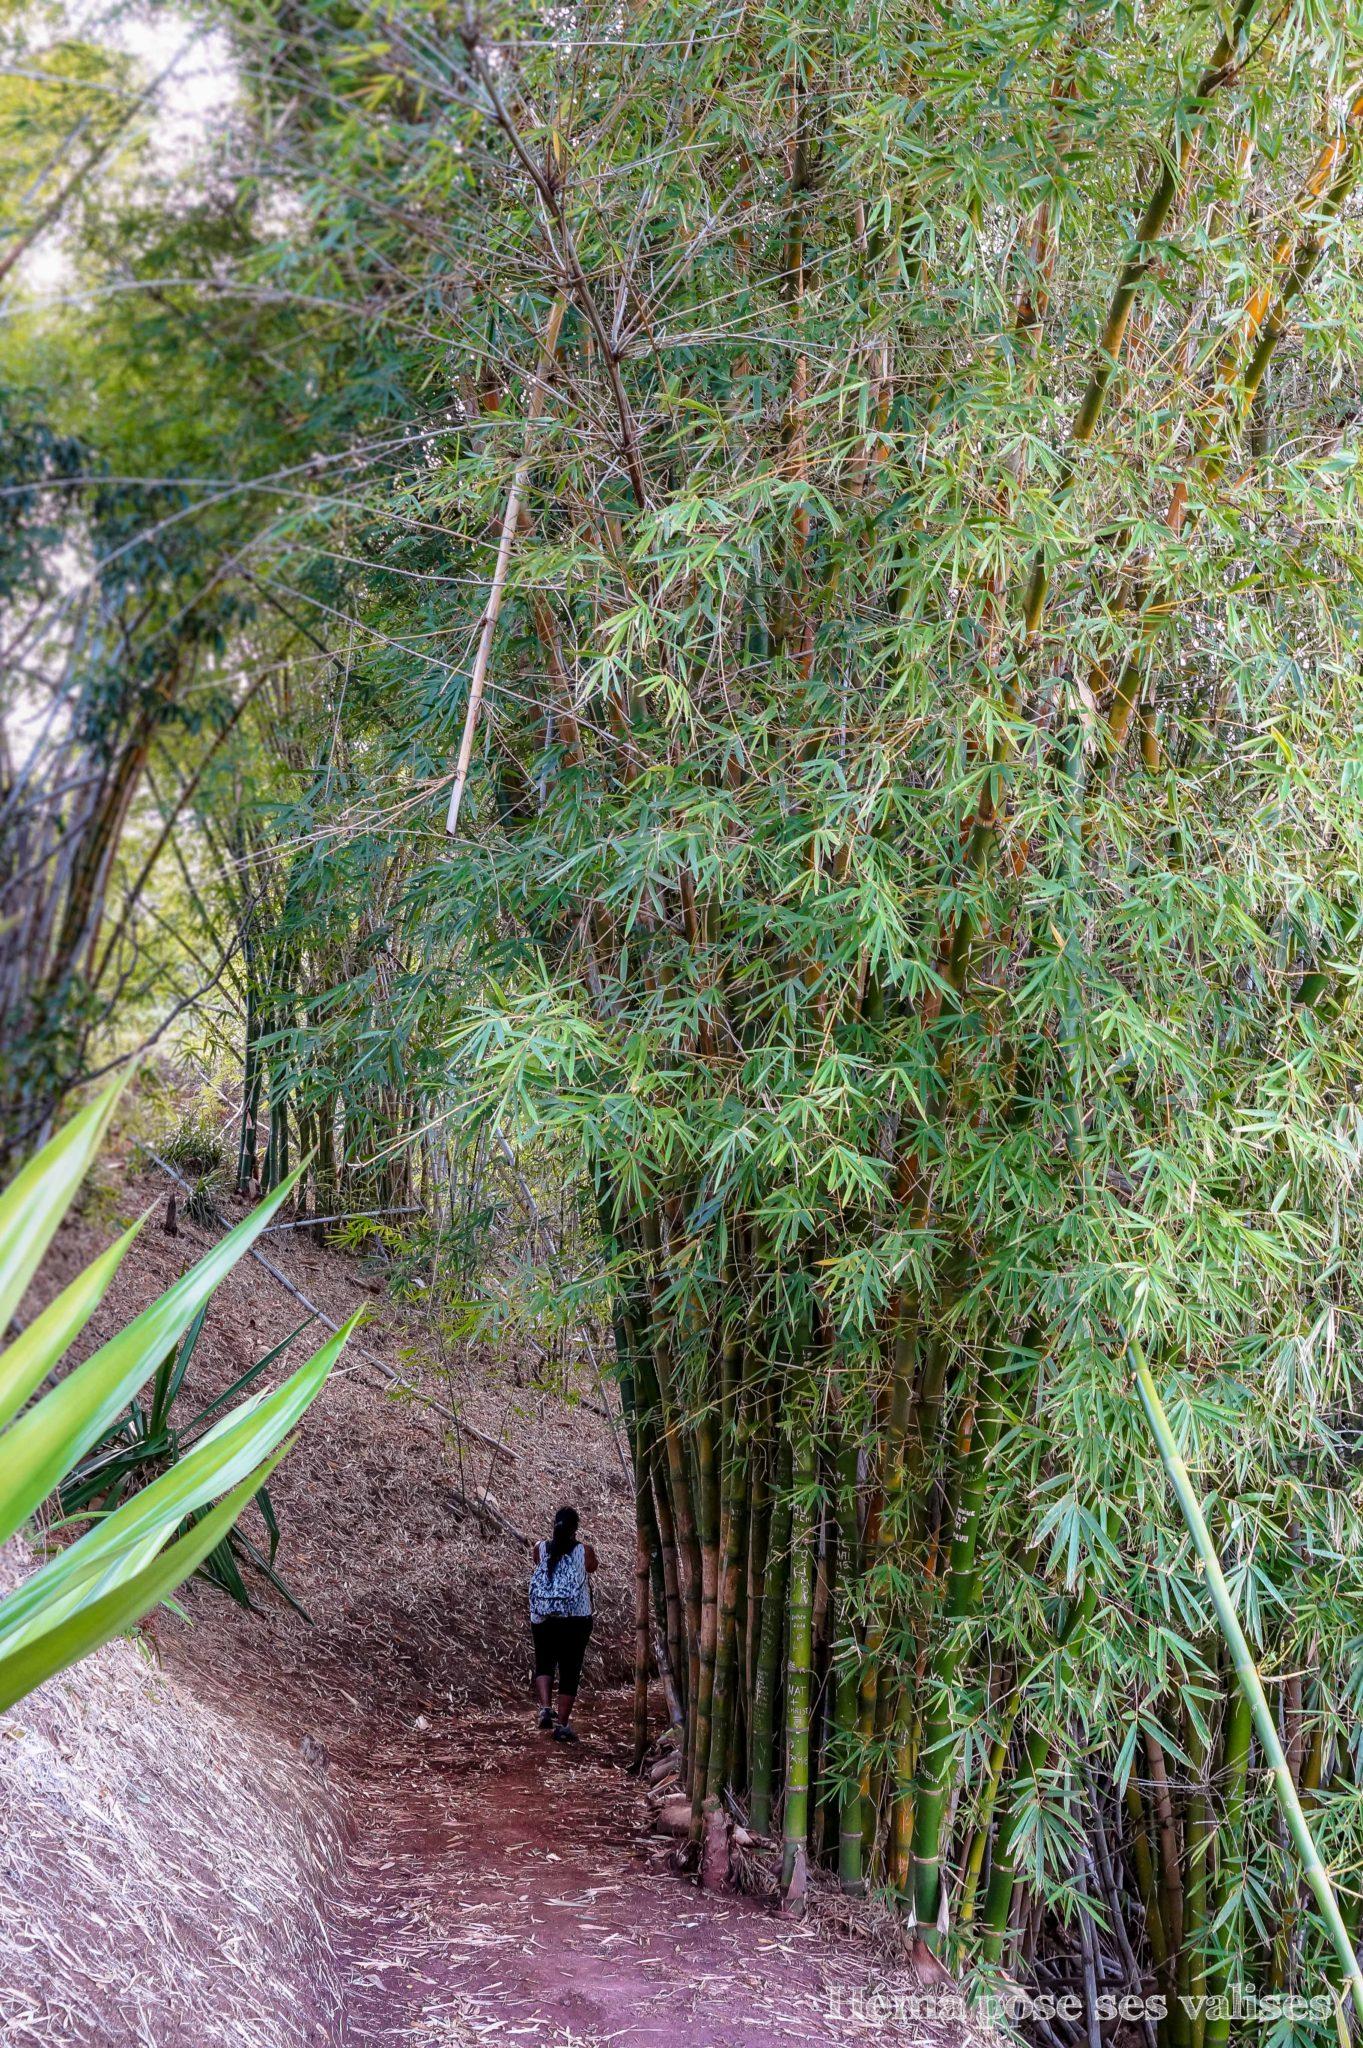 Bambous sur le sentier de la randonnée de Coteau Sec dans la région de Dimitile